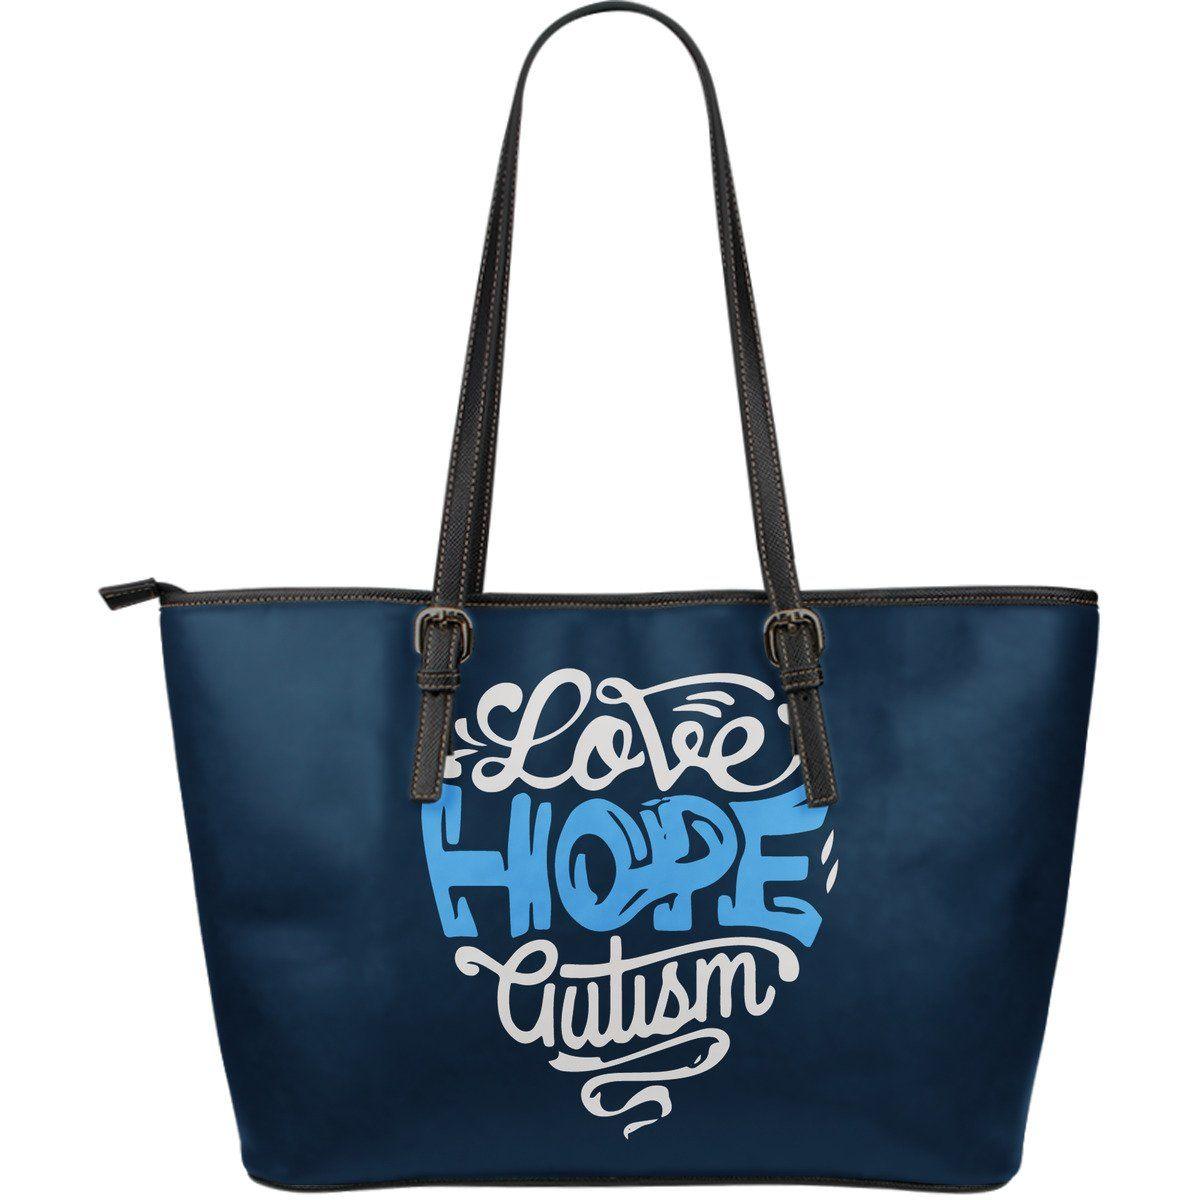 Love Hope Autism - Tote Bag